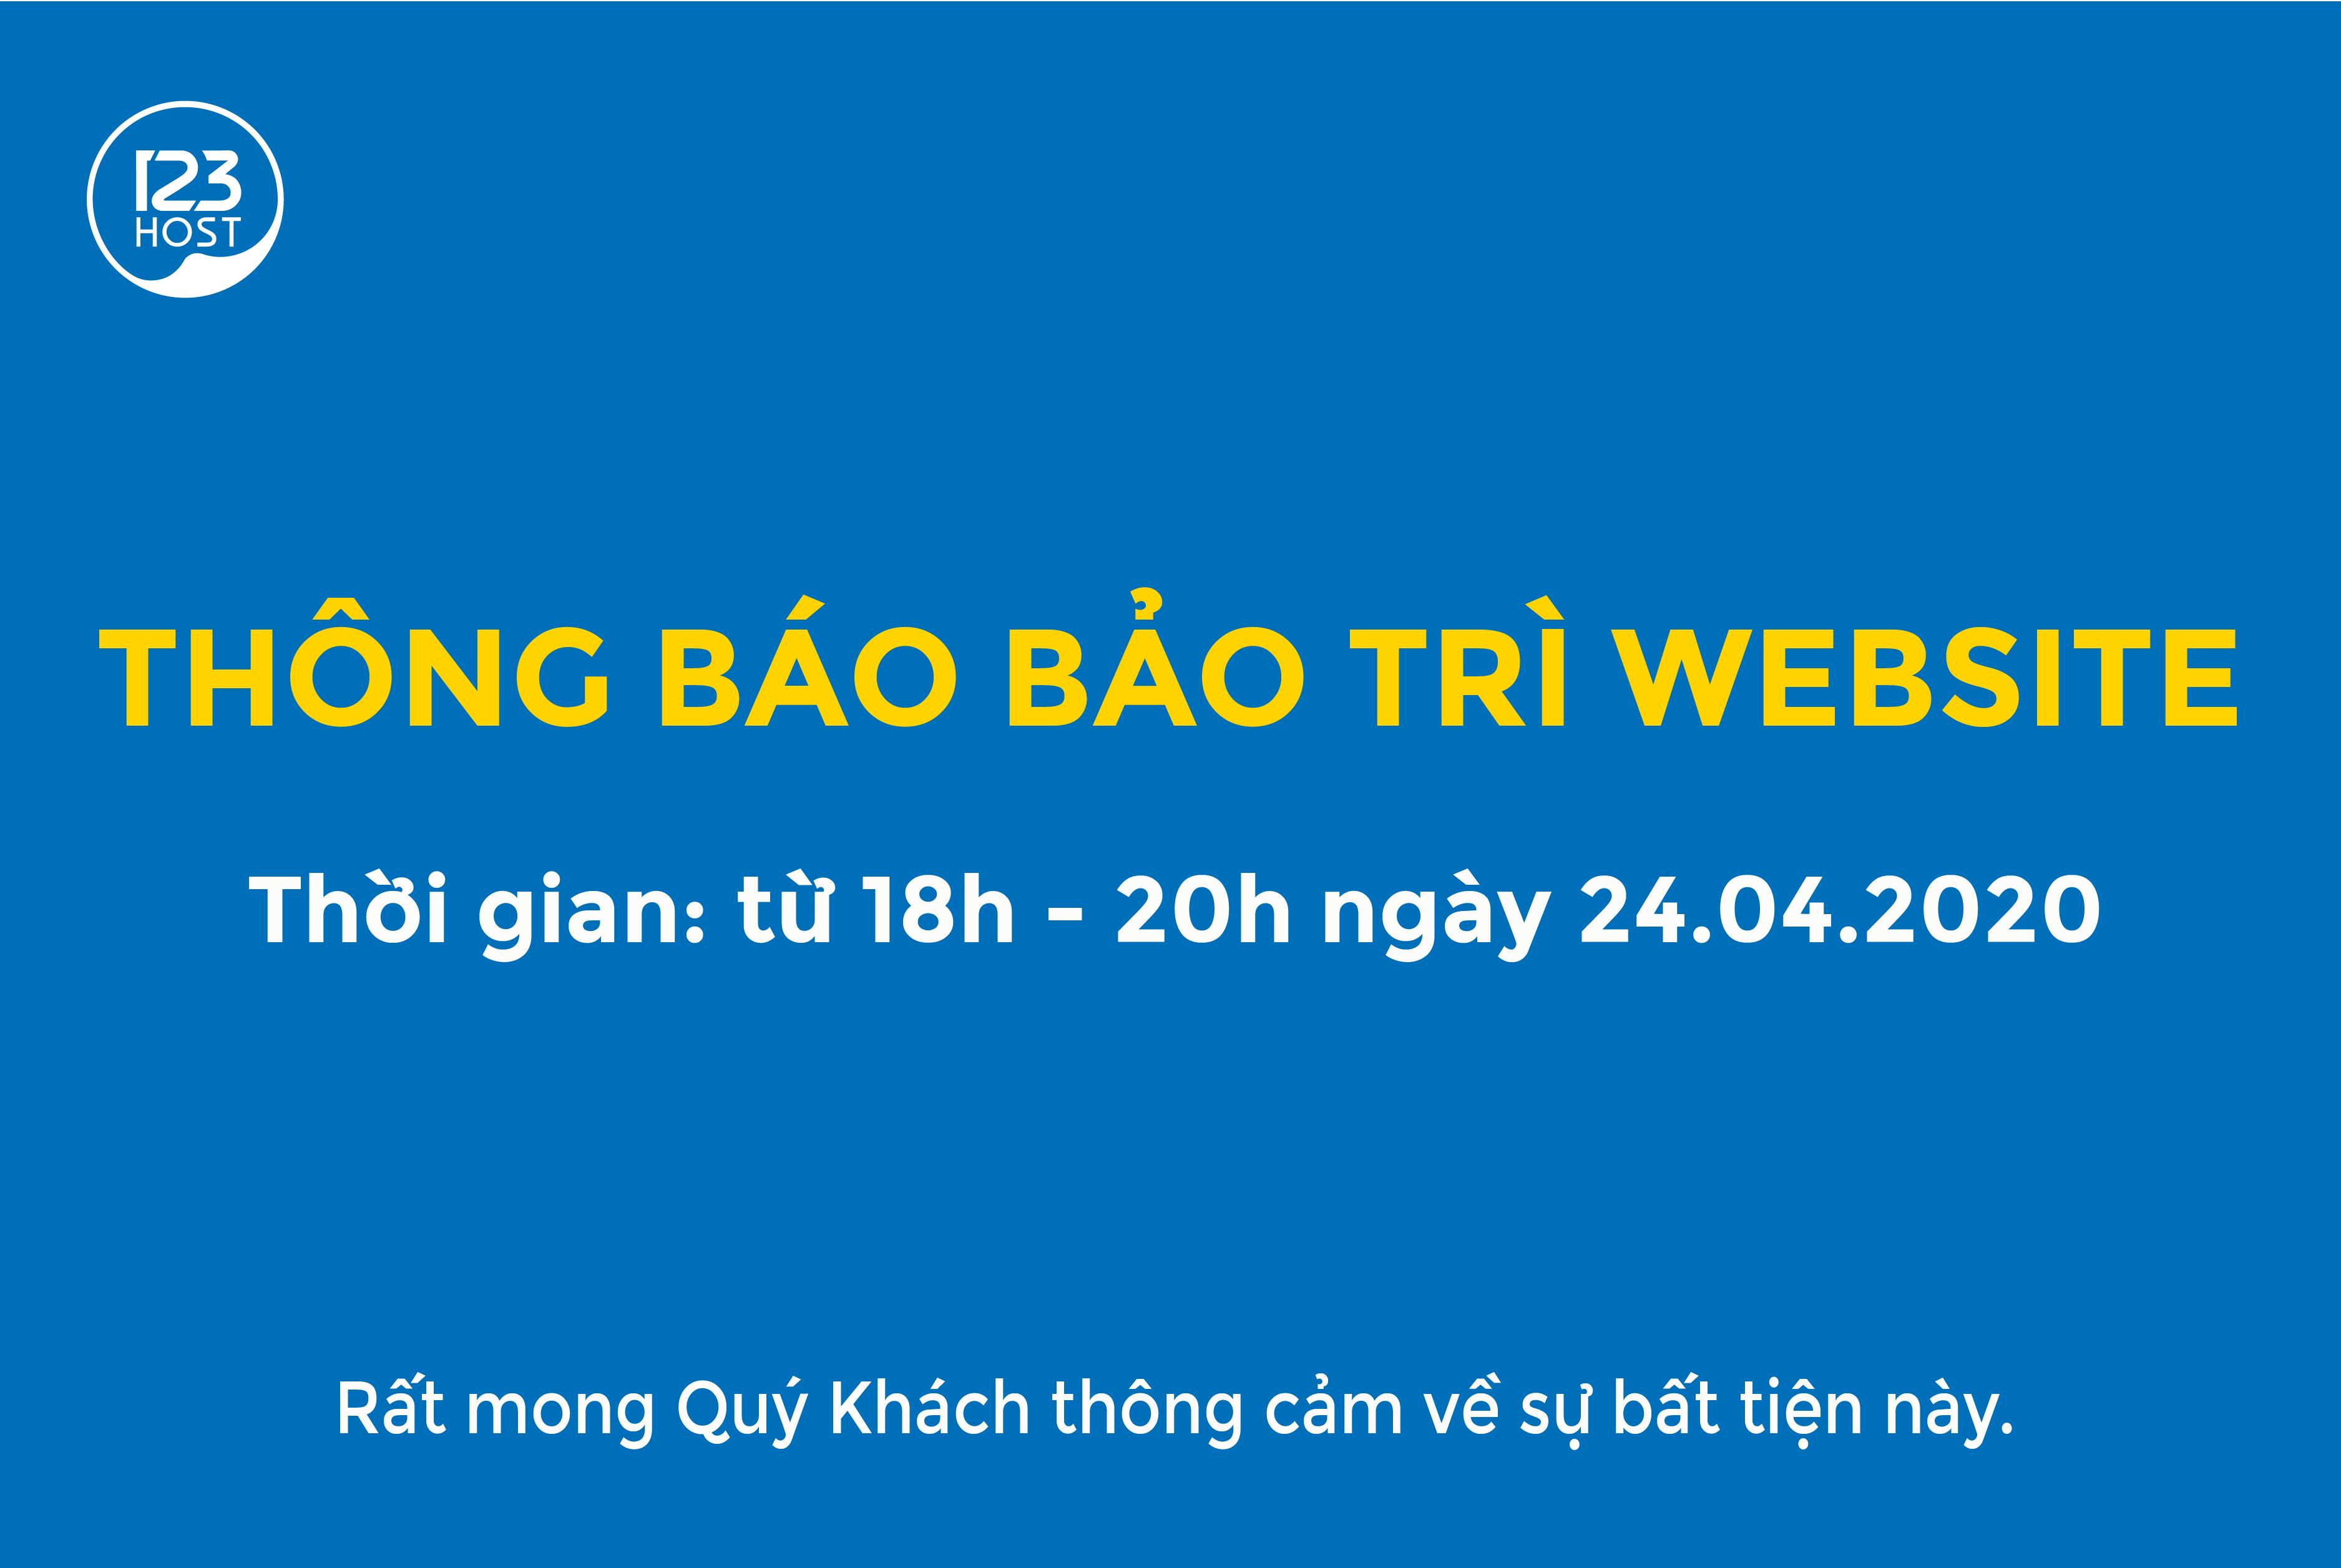 THÔNG BÁO BẢO TRÌ WEBSITE